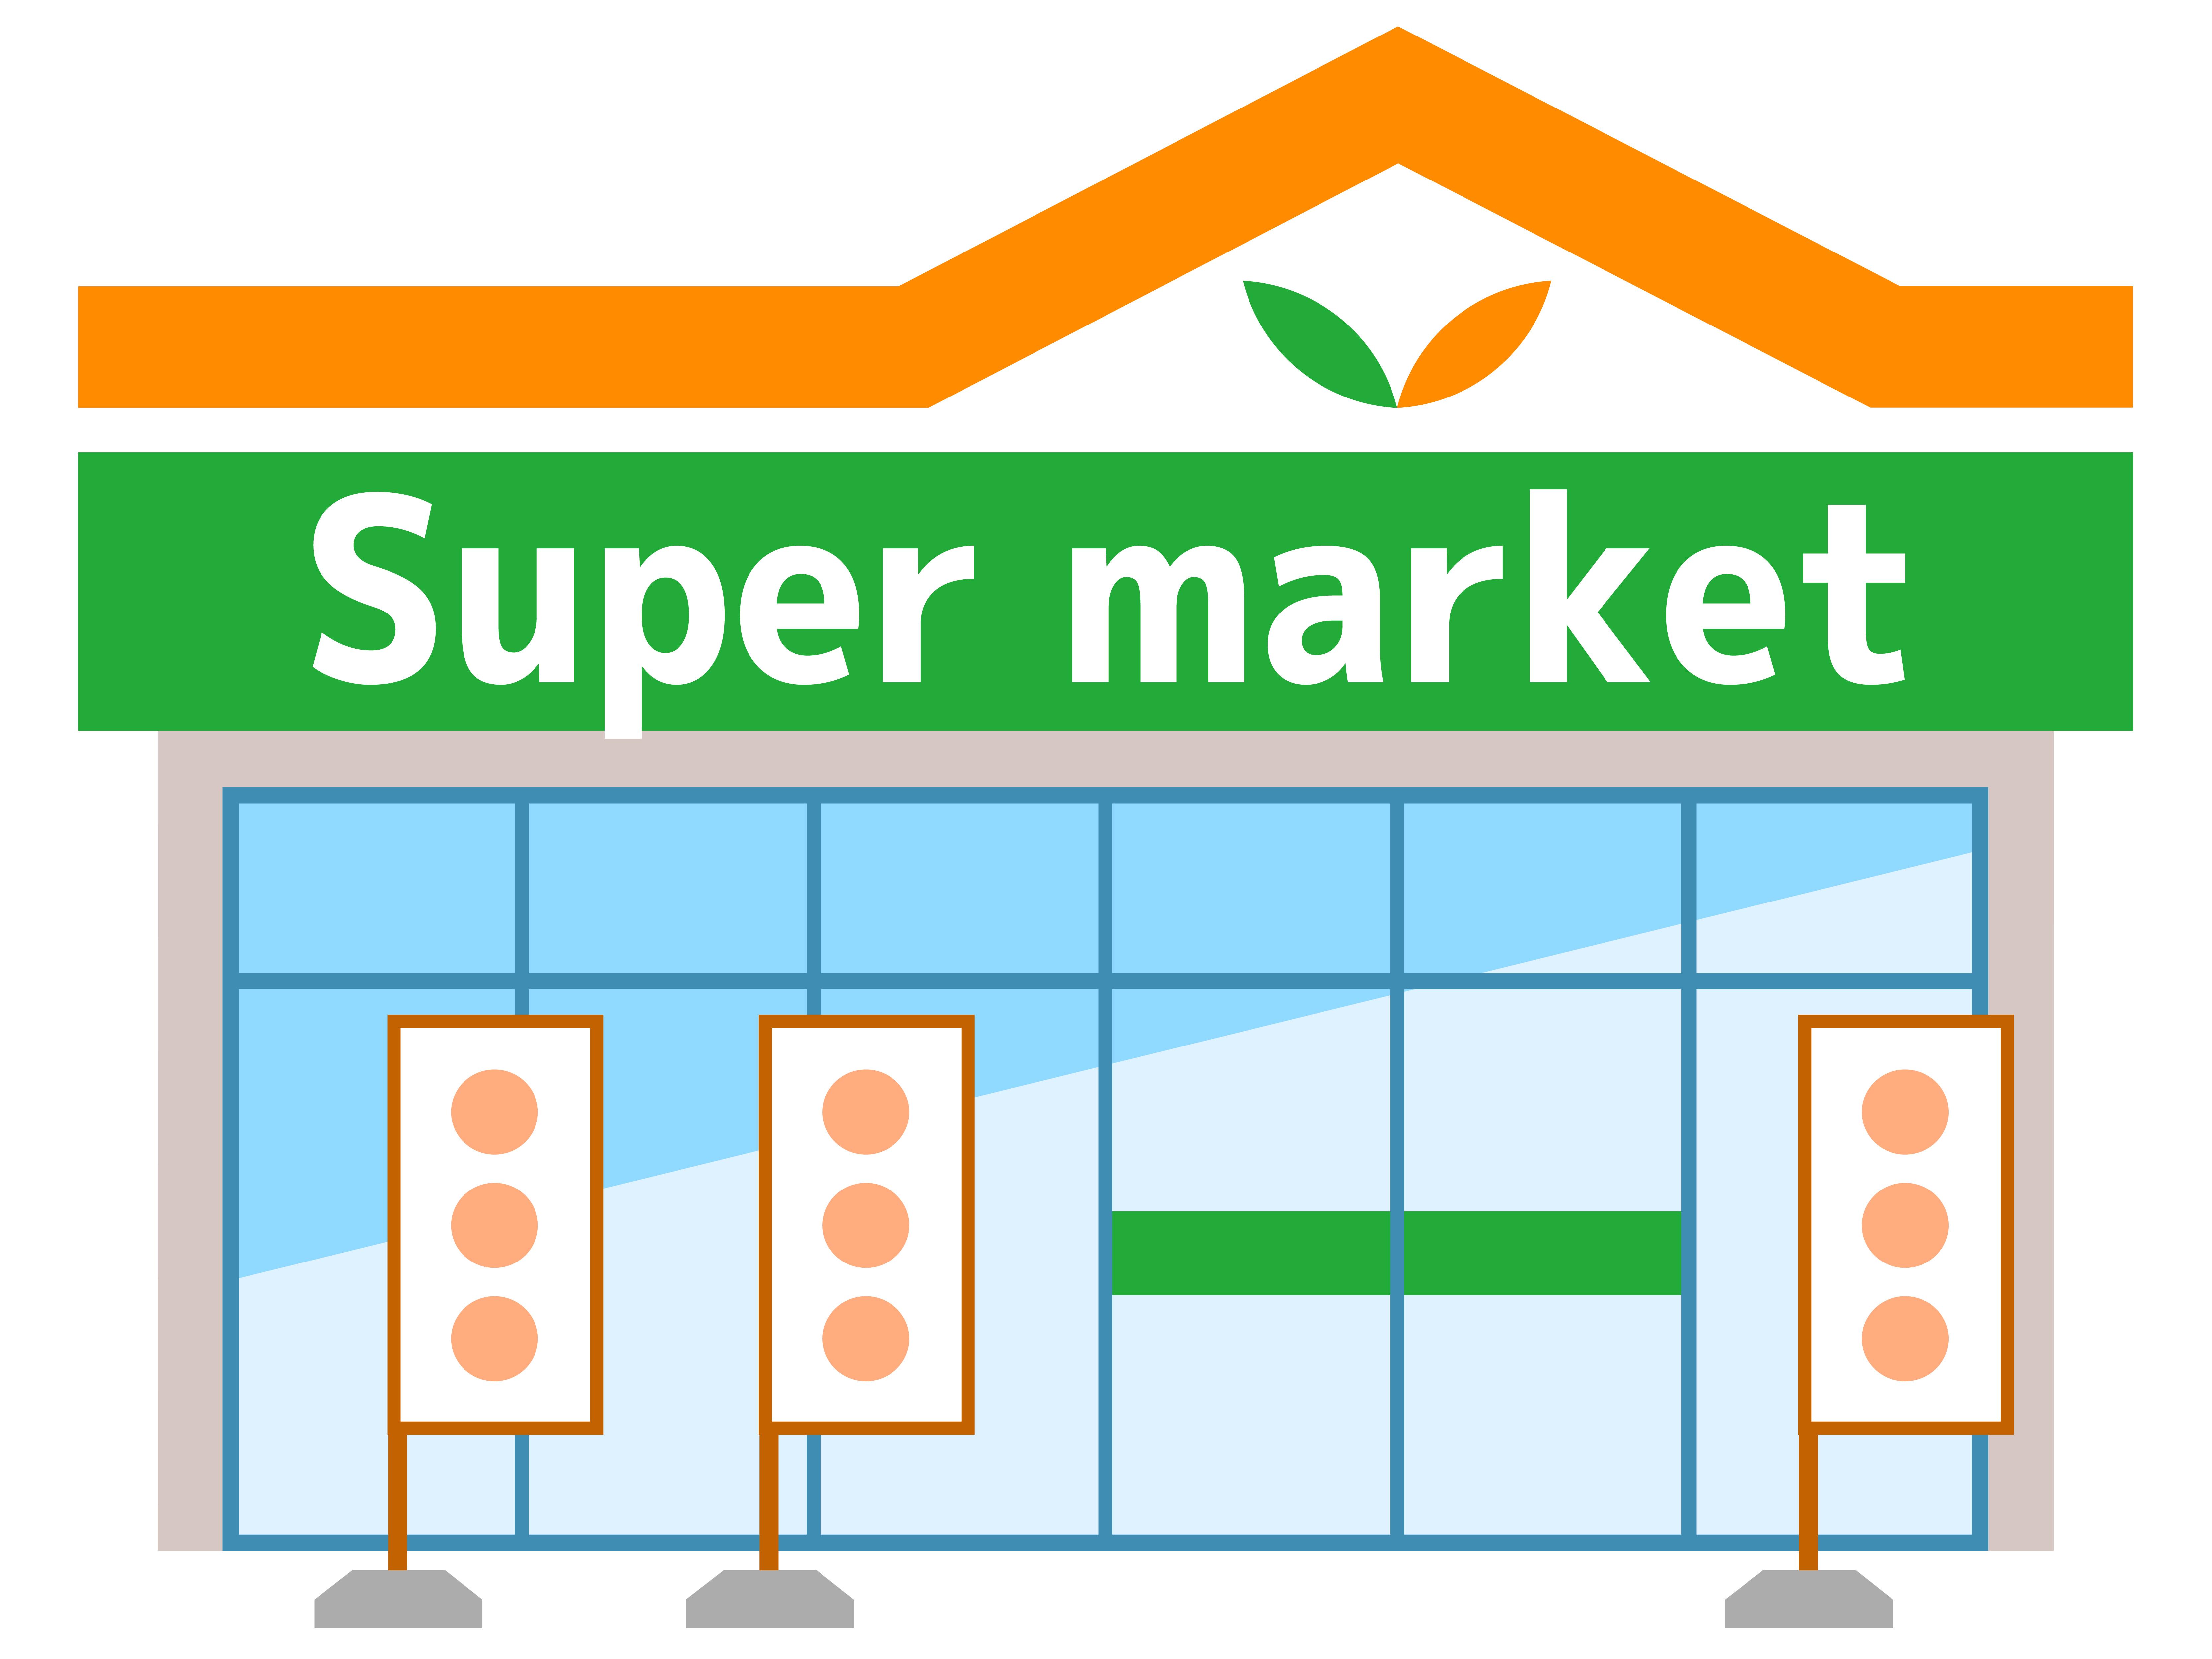 駅前スーパーAは激高い!食材宅配コープデリ・おうちコープのほうが断然安い!スーパーの画像